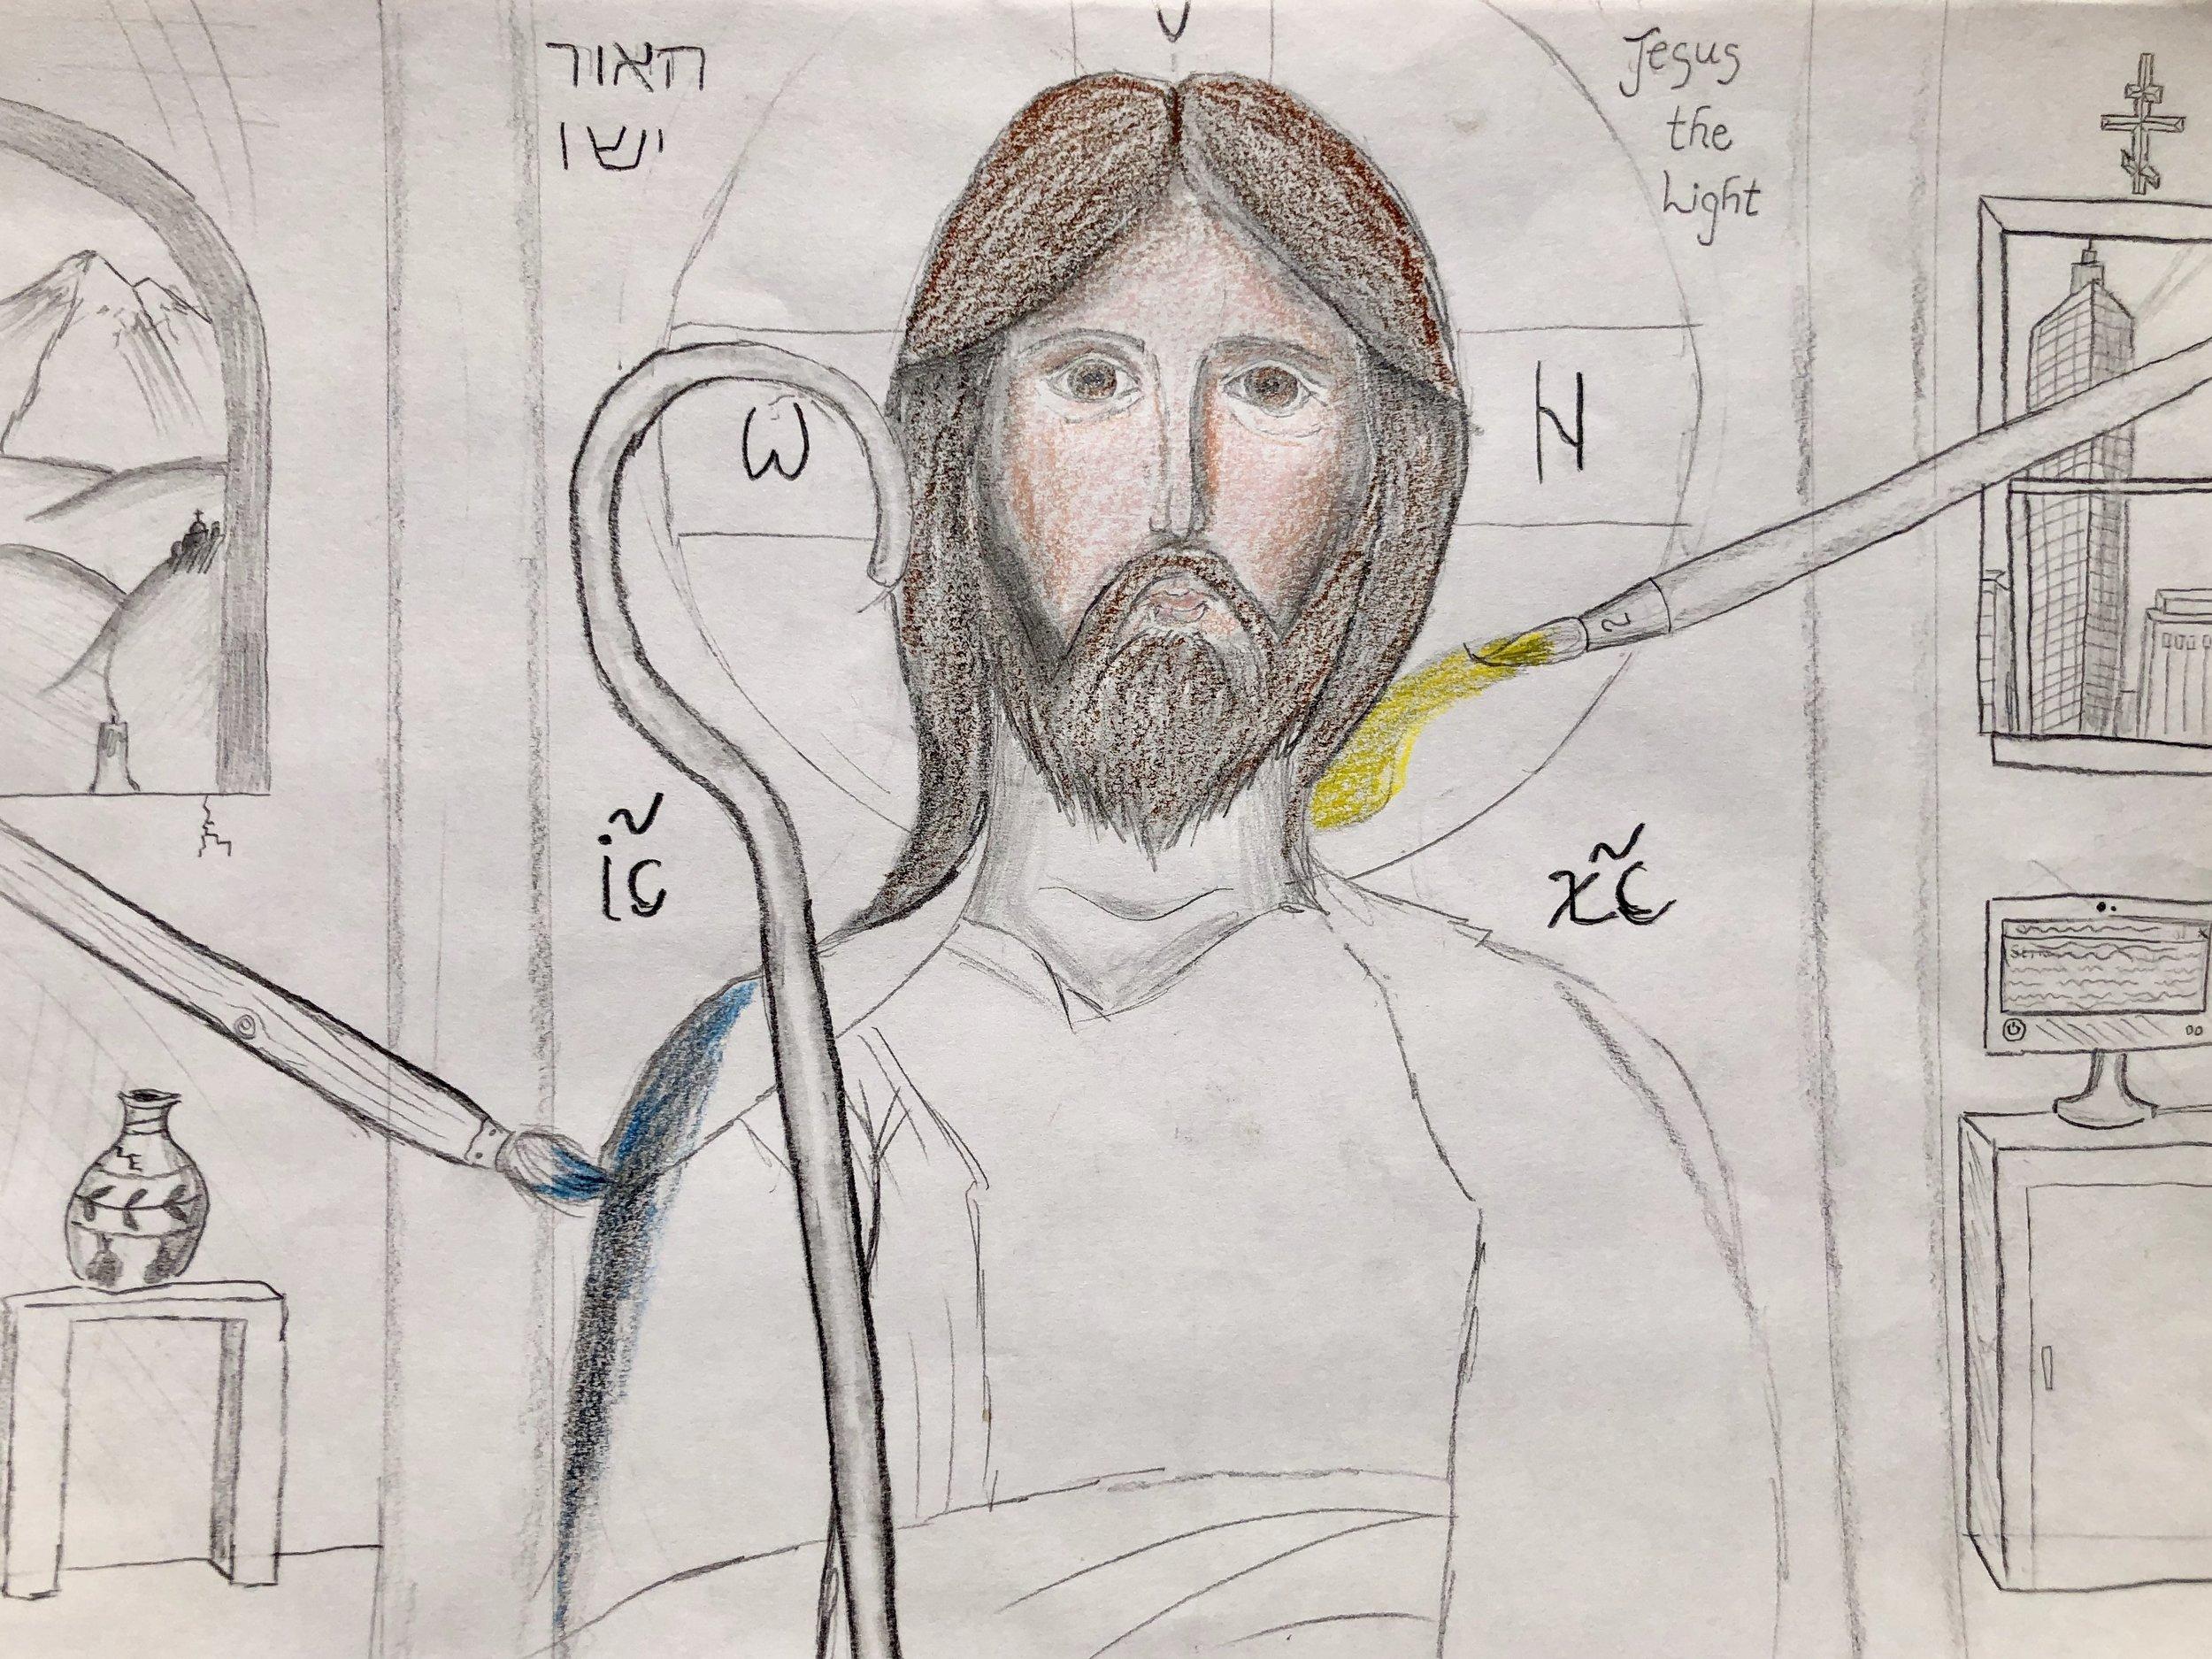 SaintKosmasFineArtContest2019-JesusChristUnitesTheEras-MatthewSwehla.jpeg